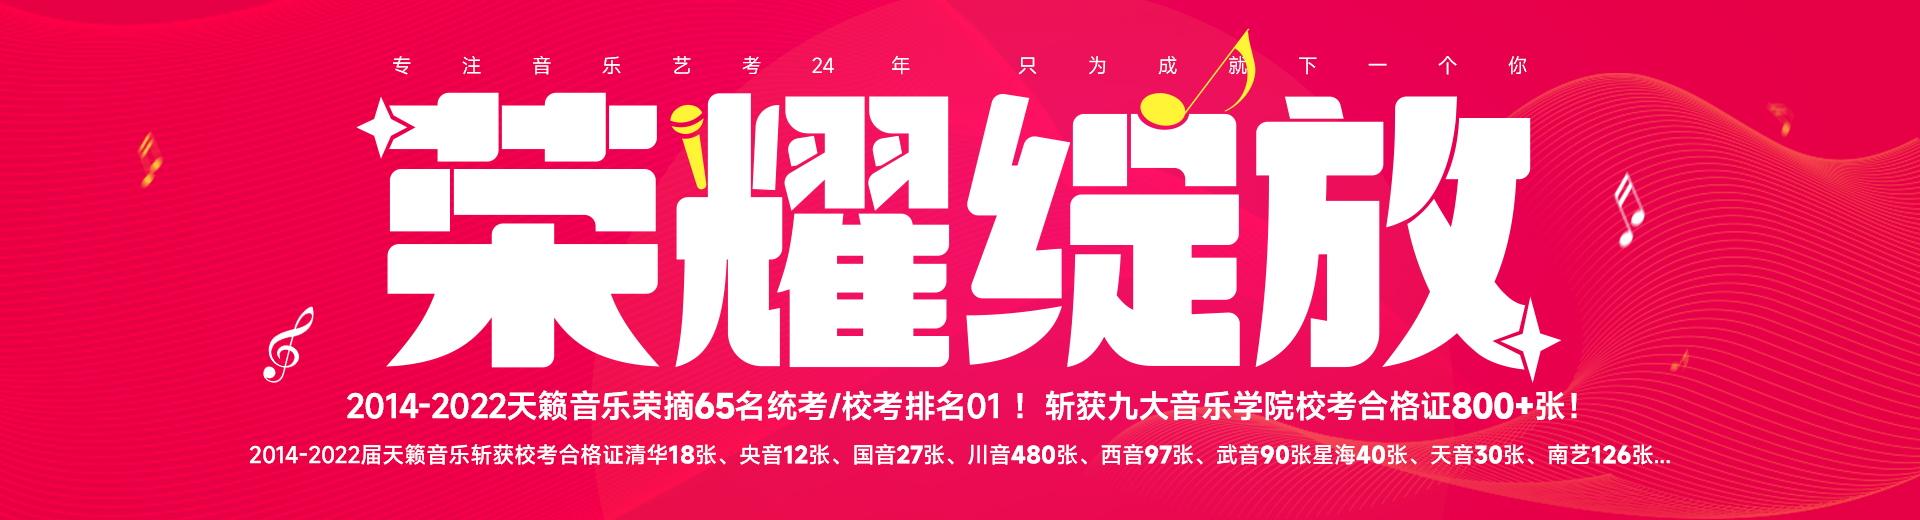 2019荣耀绽放